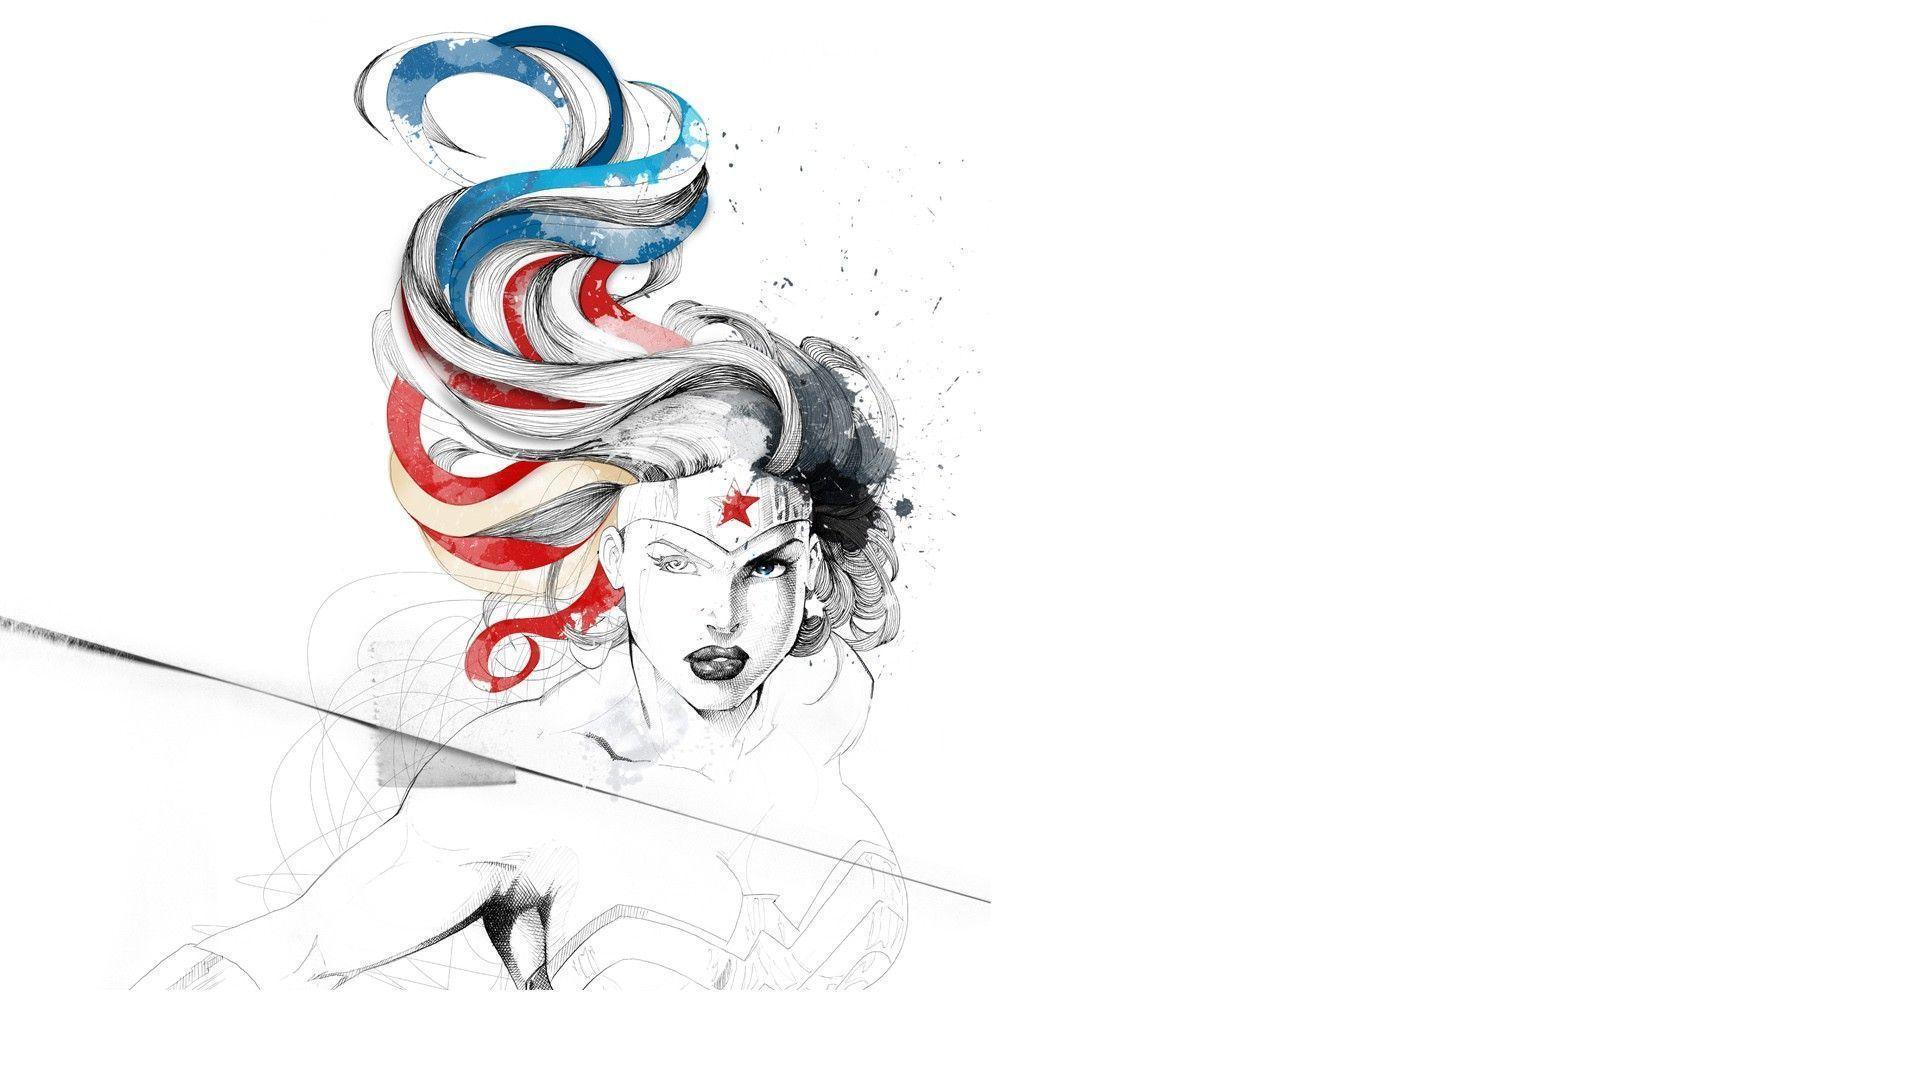 Wonder Woman Wallpaper 1920x1080 - WallpaperSafari